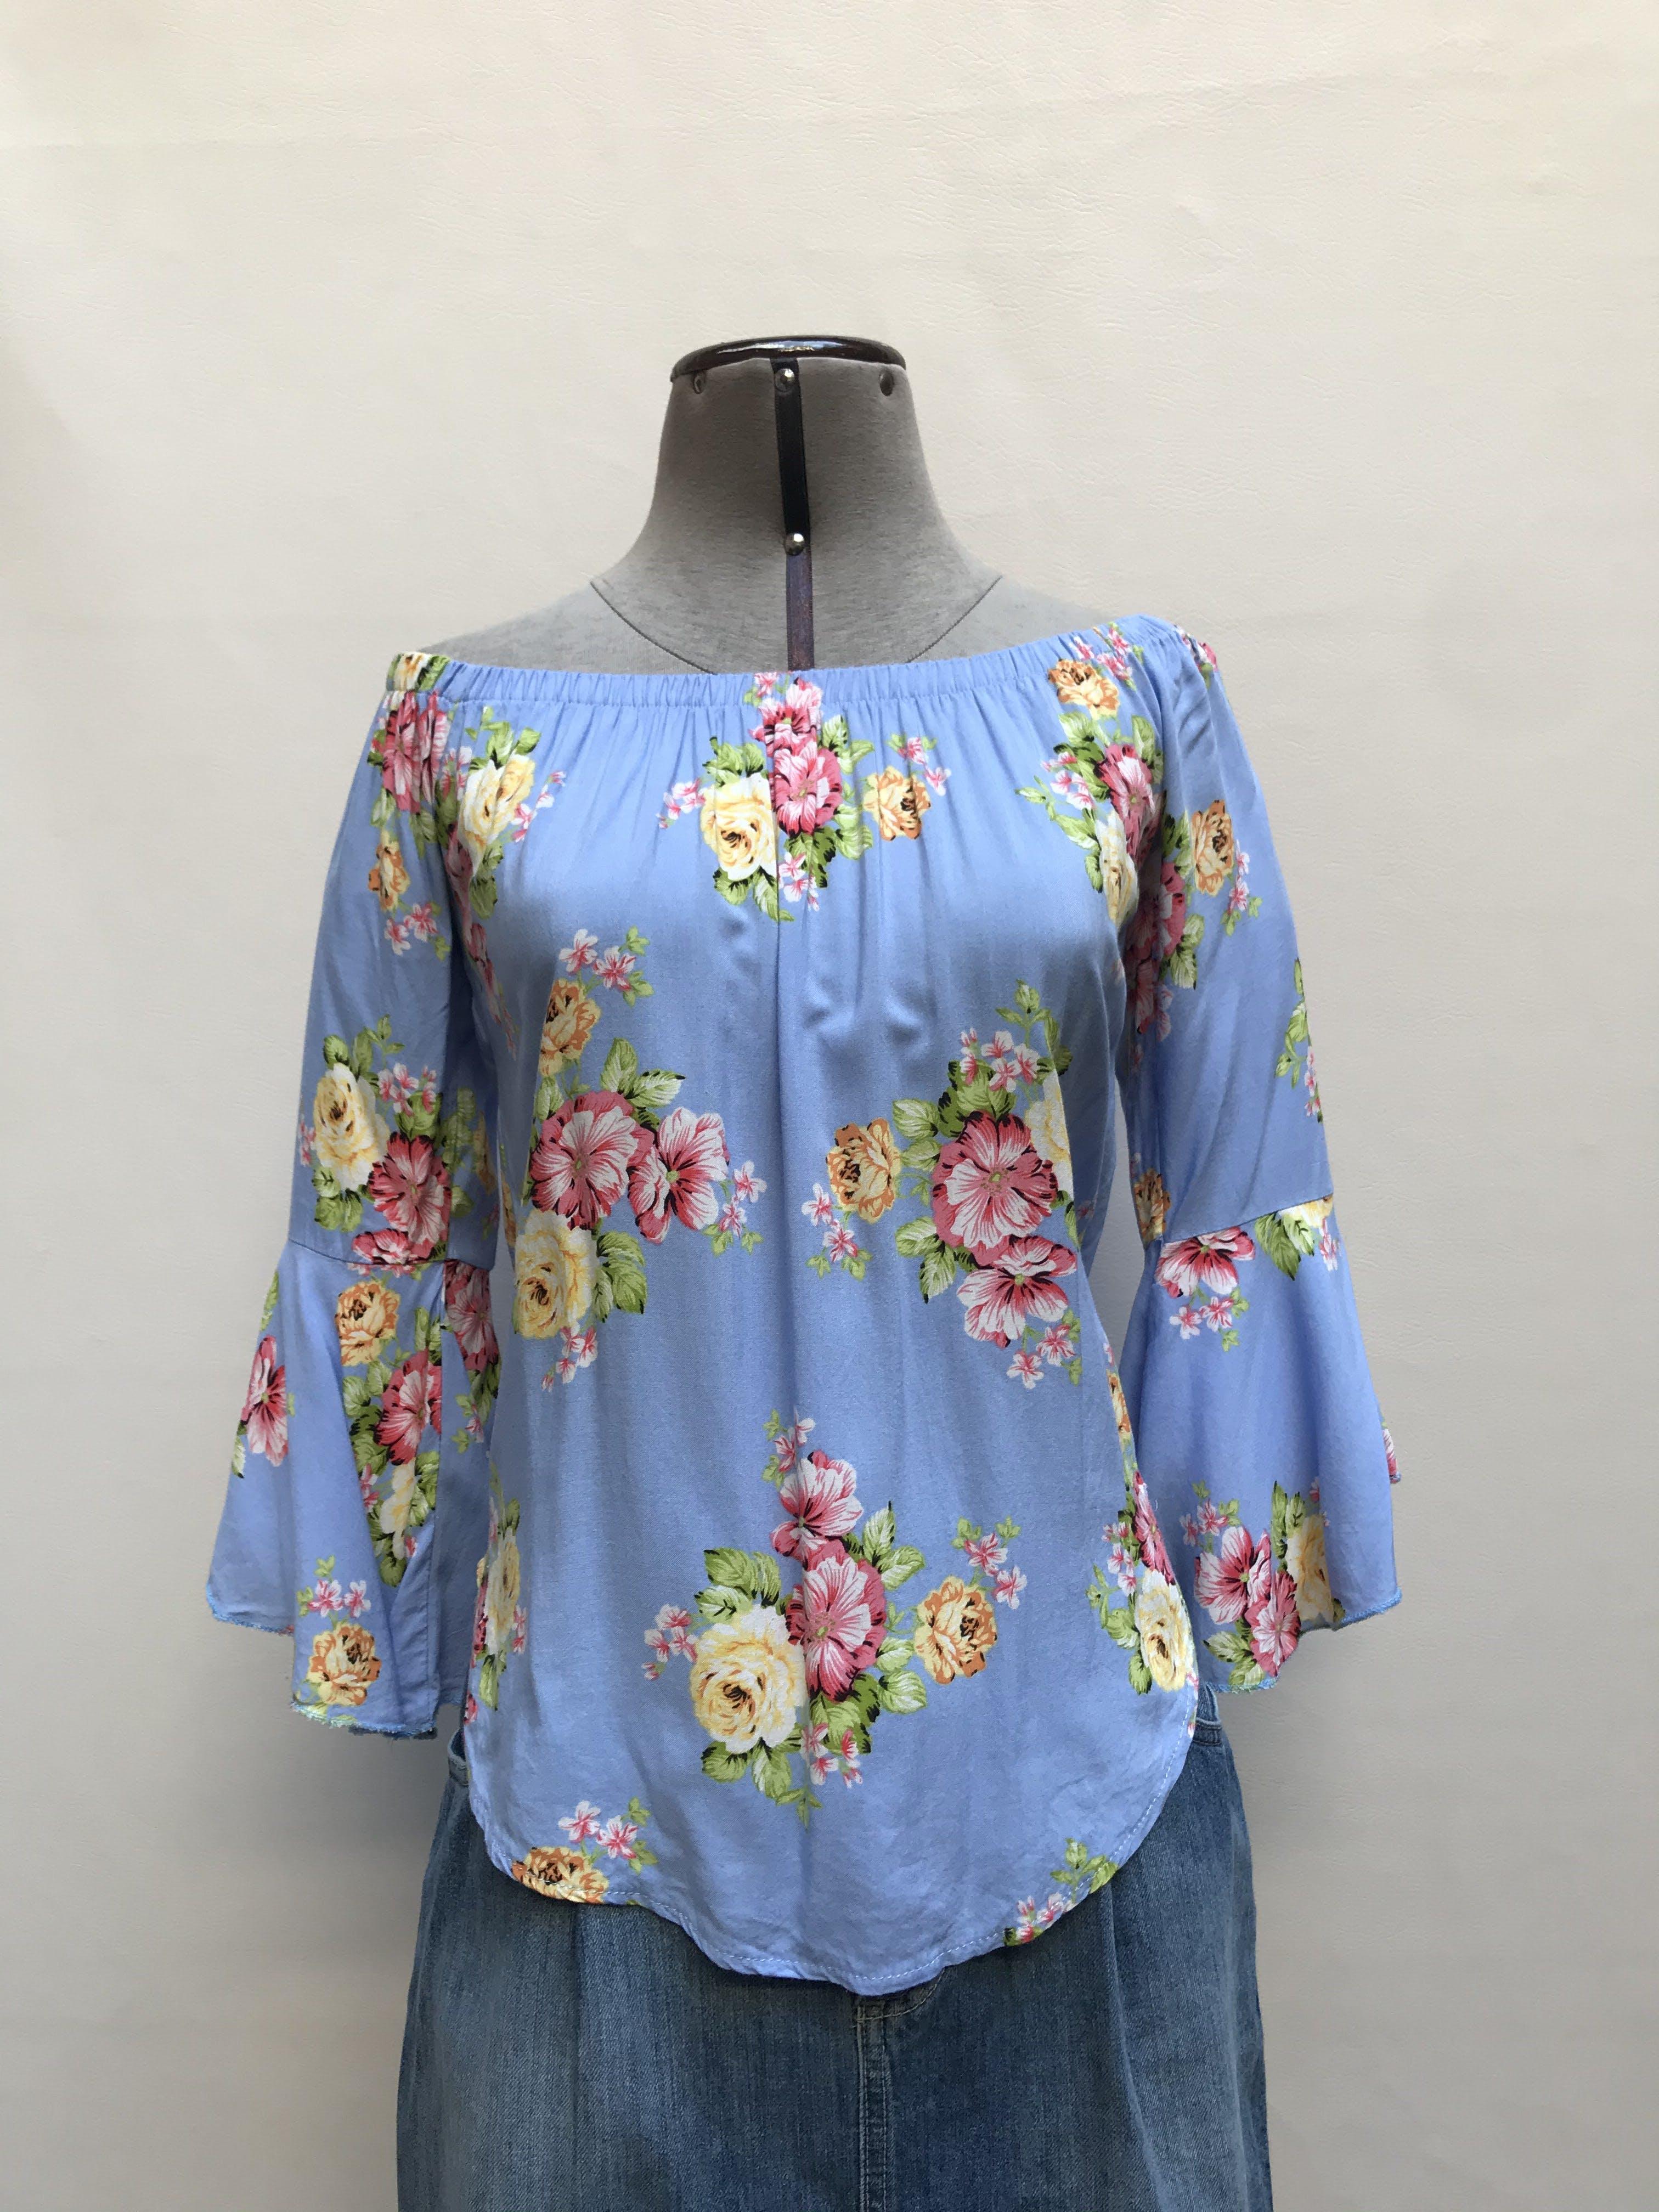 Blusa celesta con estampado de flores, off shoulder con mangas campana Talla S